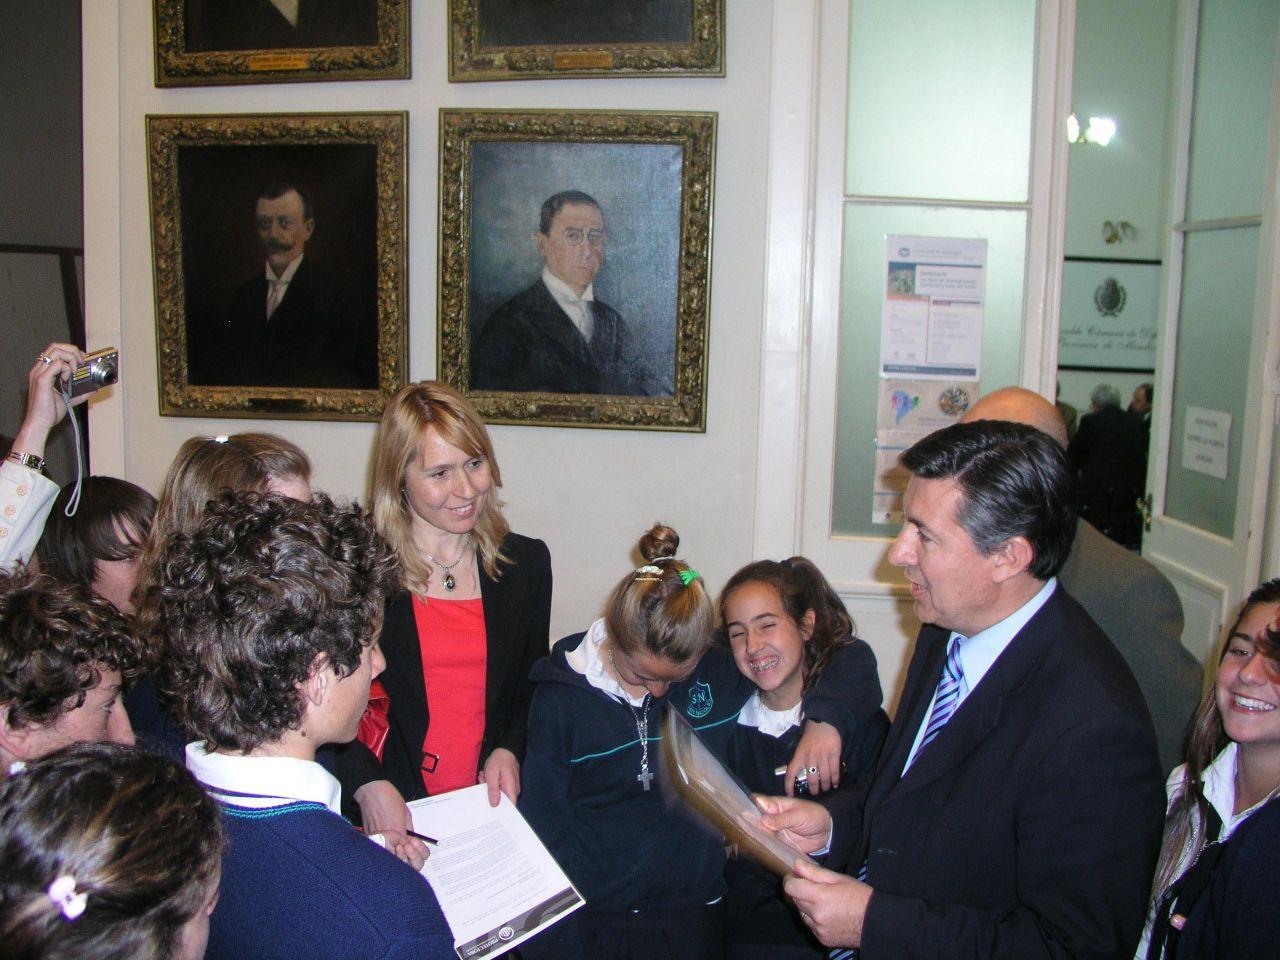 entrega de proyecto de ley por parte de estudiantes del colegio san nicolás